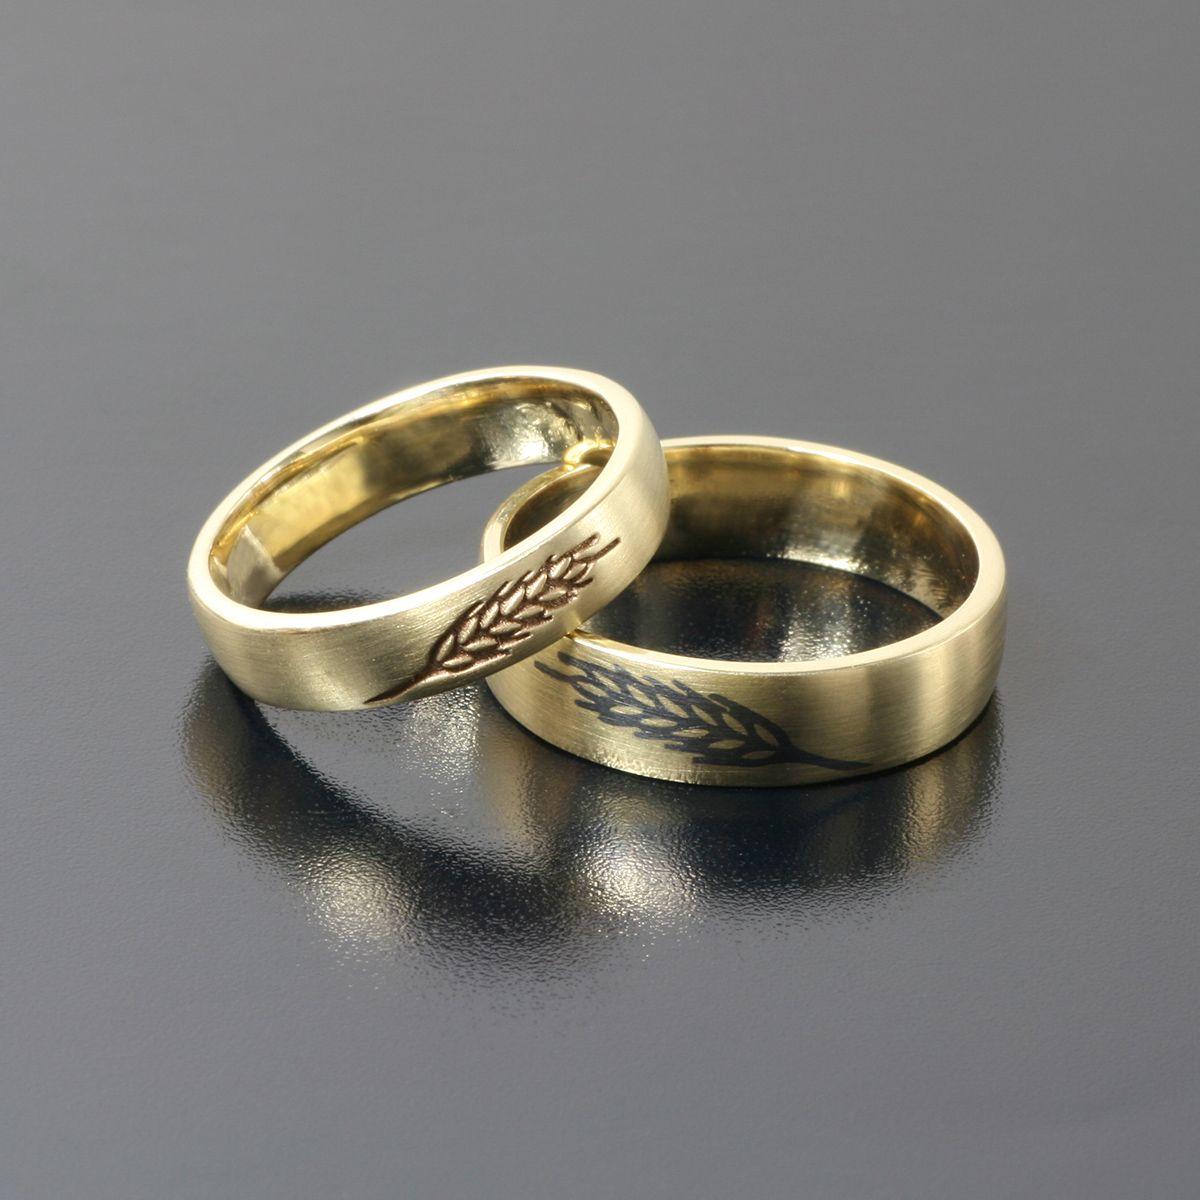 Klosy Pierscionki I Obraczki Wedding Rings Jewelry